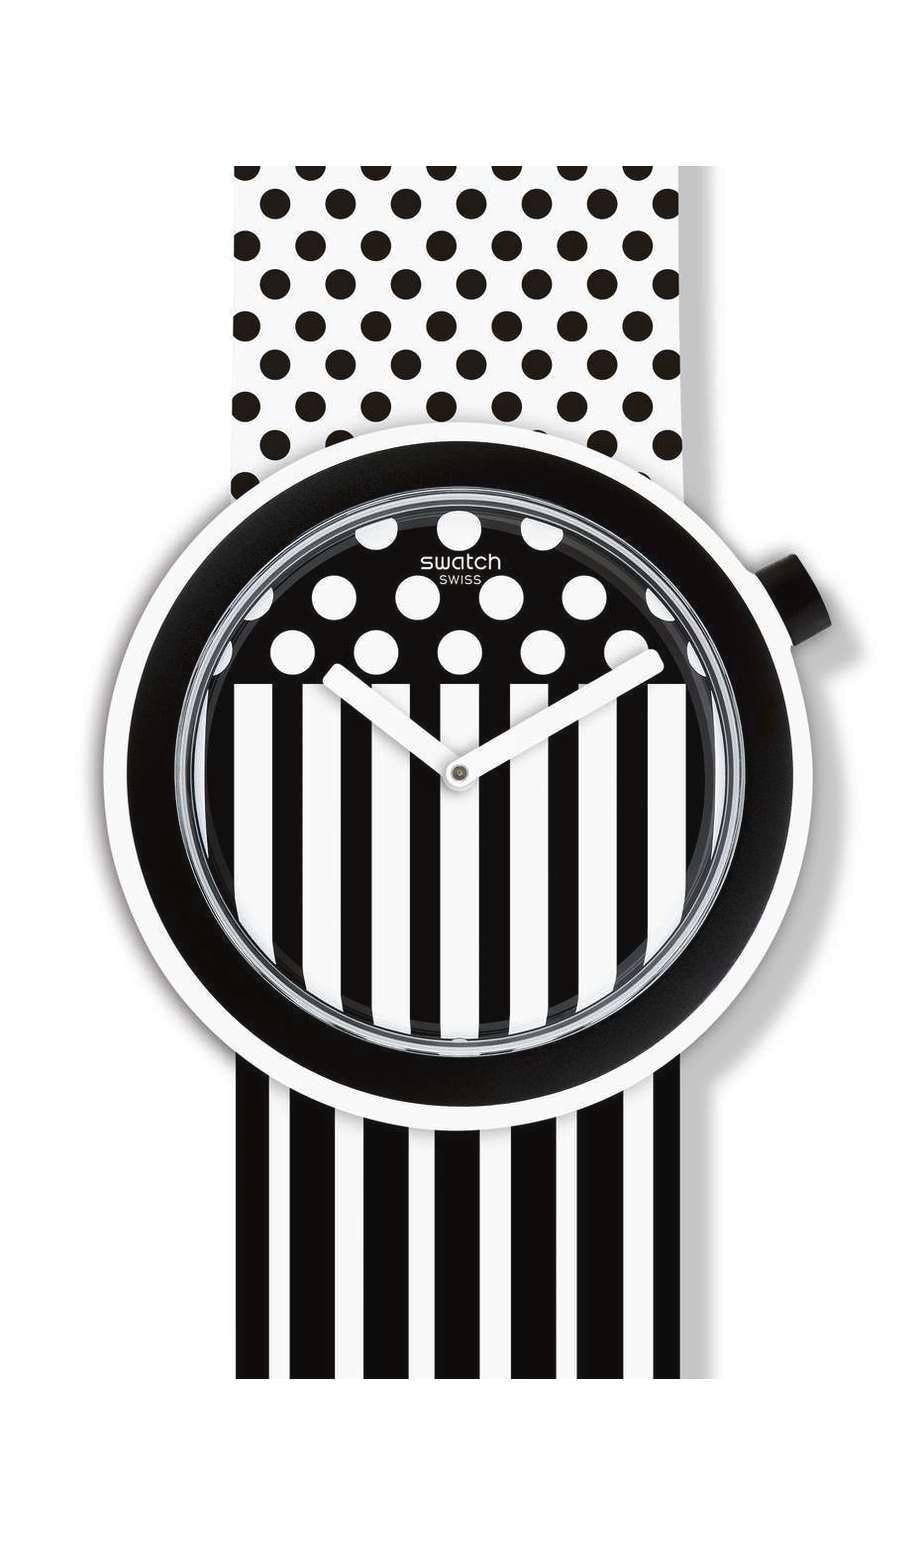 Swatch - POPdancing - 1